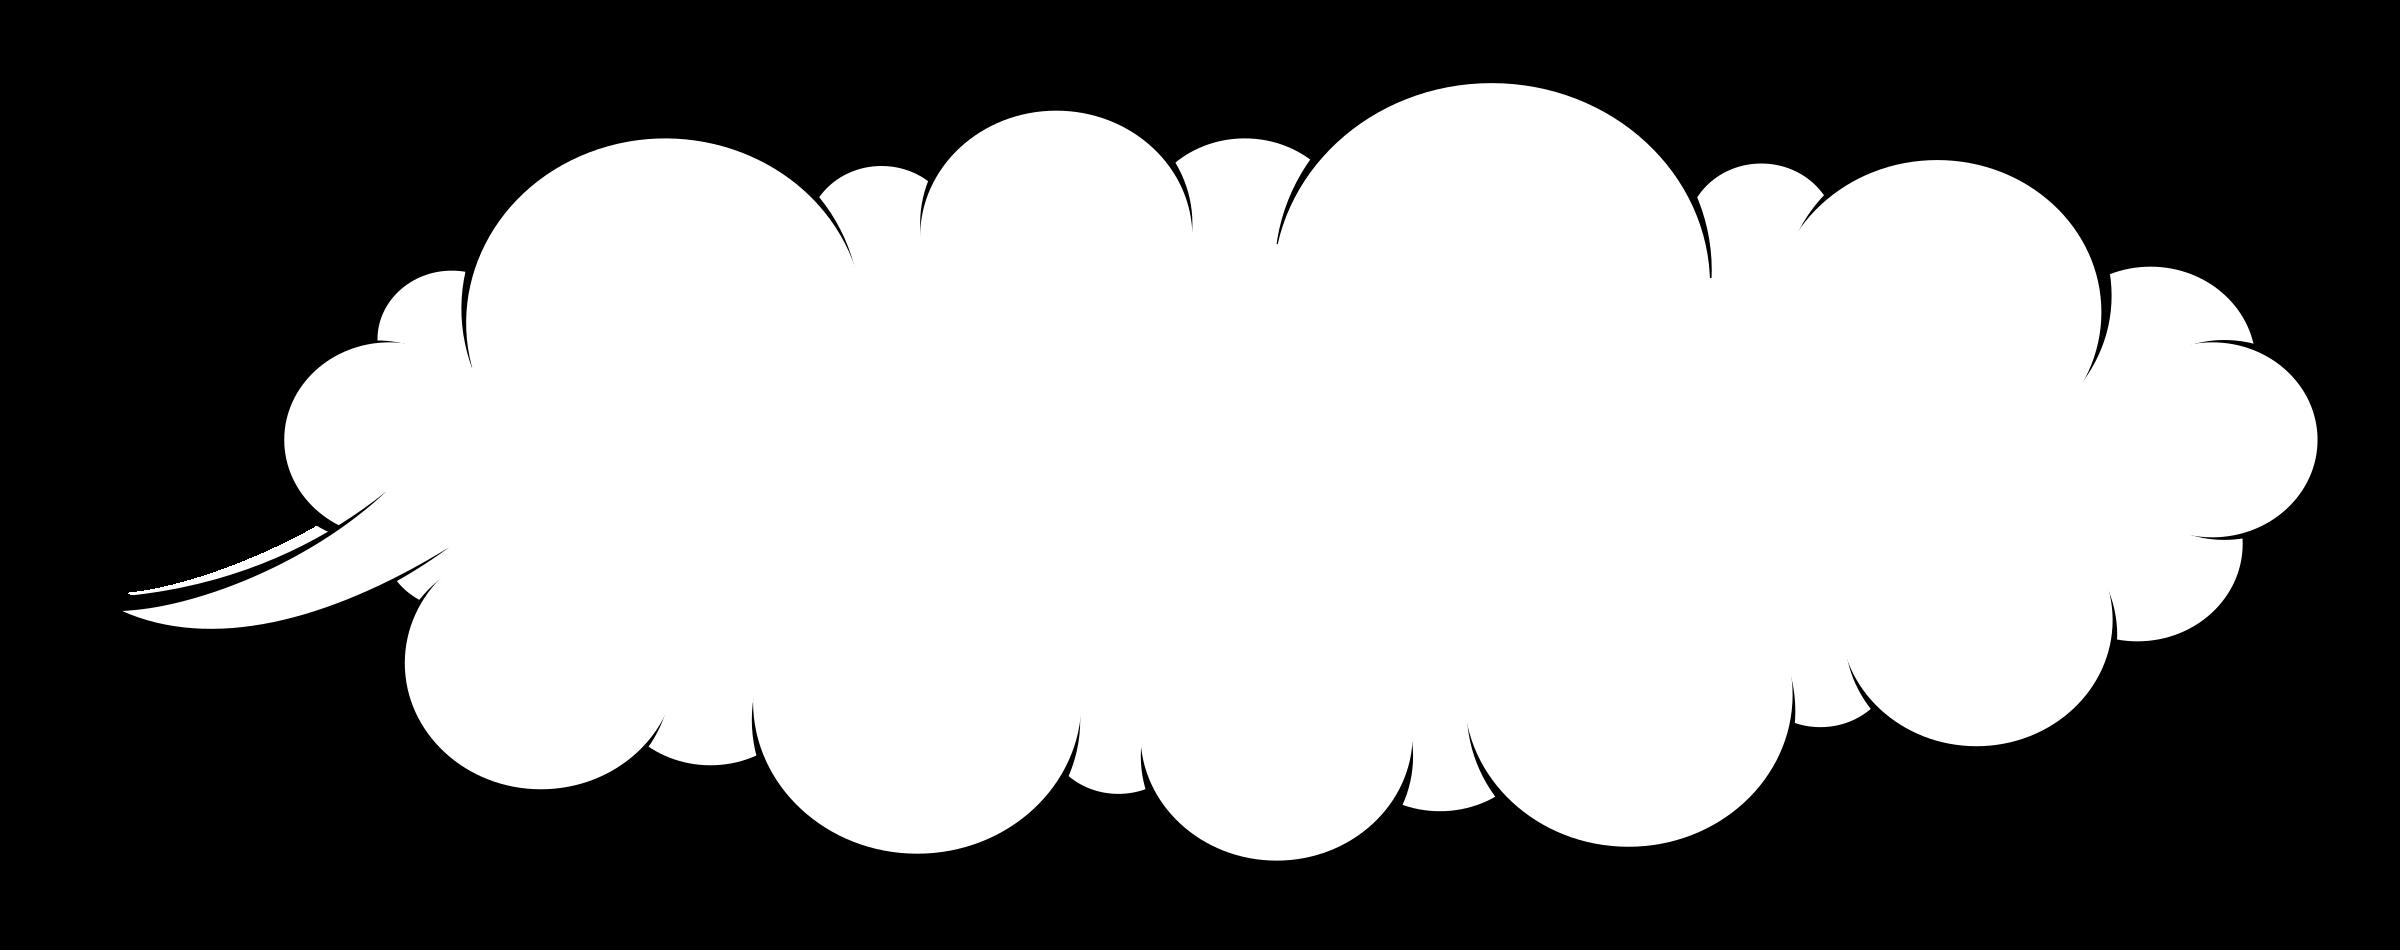 Cloud clipart balloon. Speech big image png